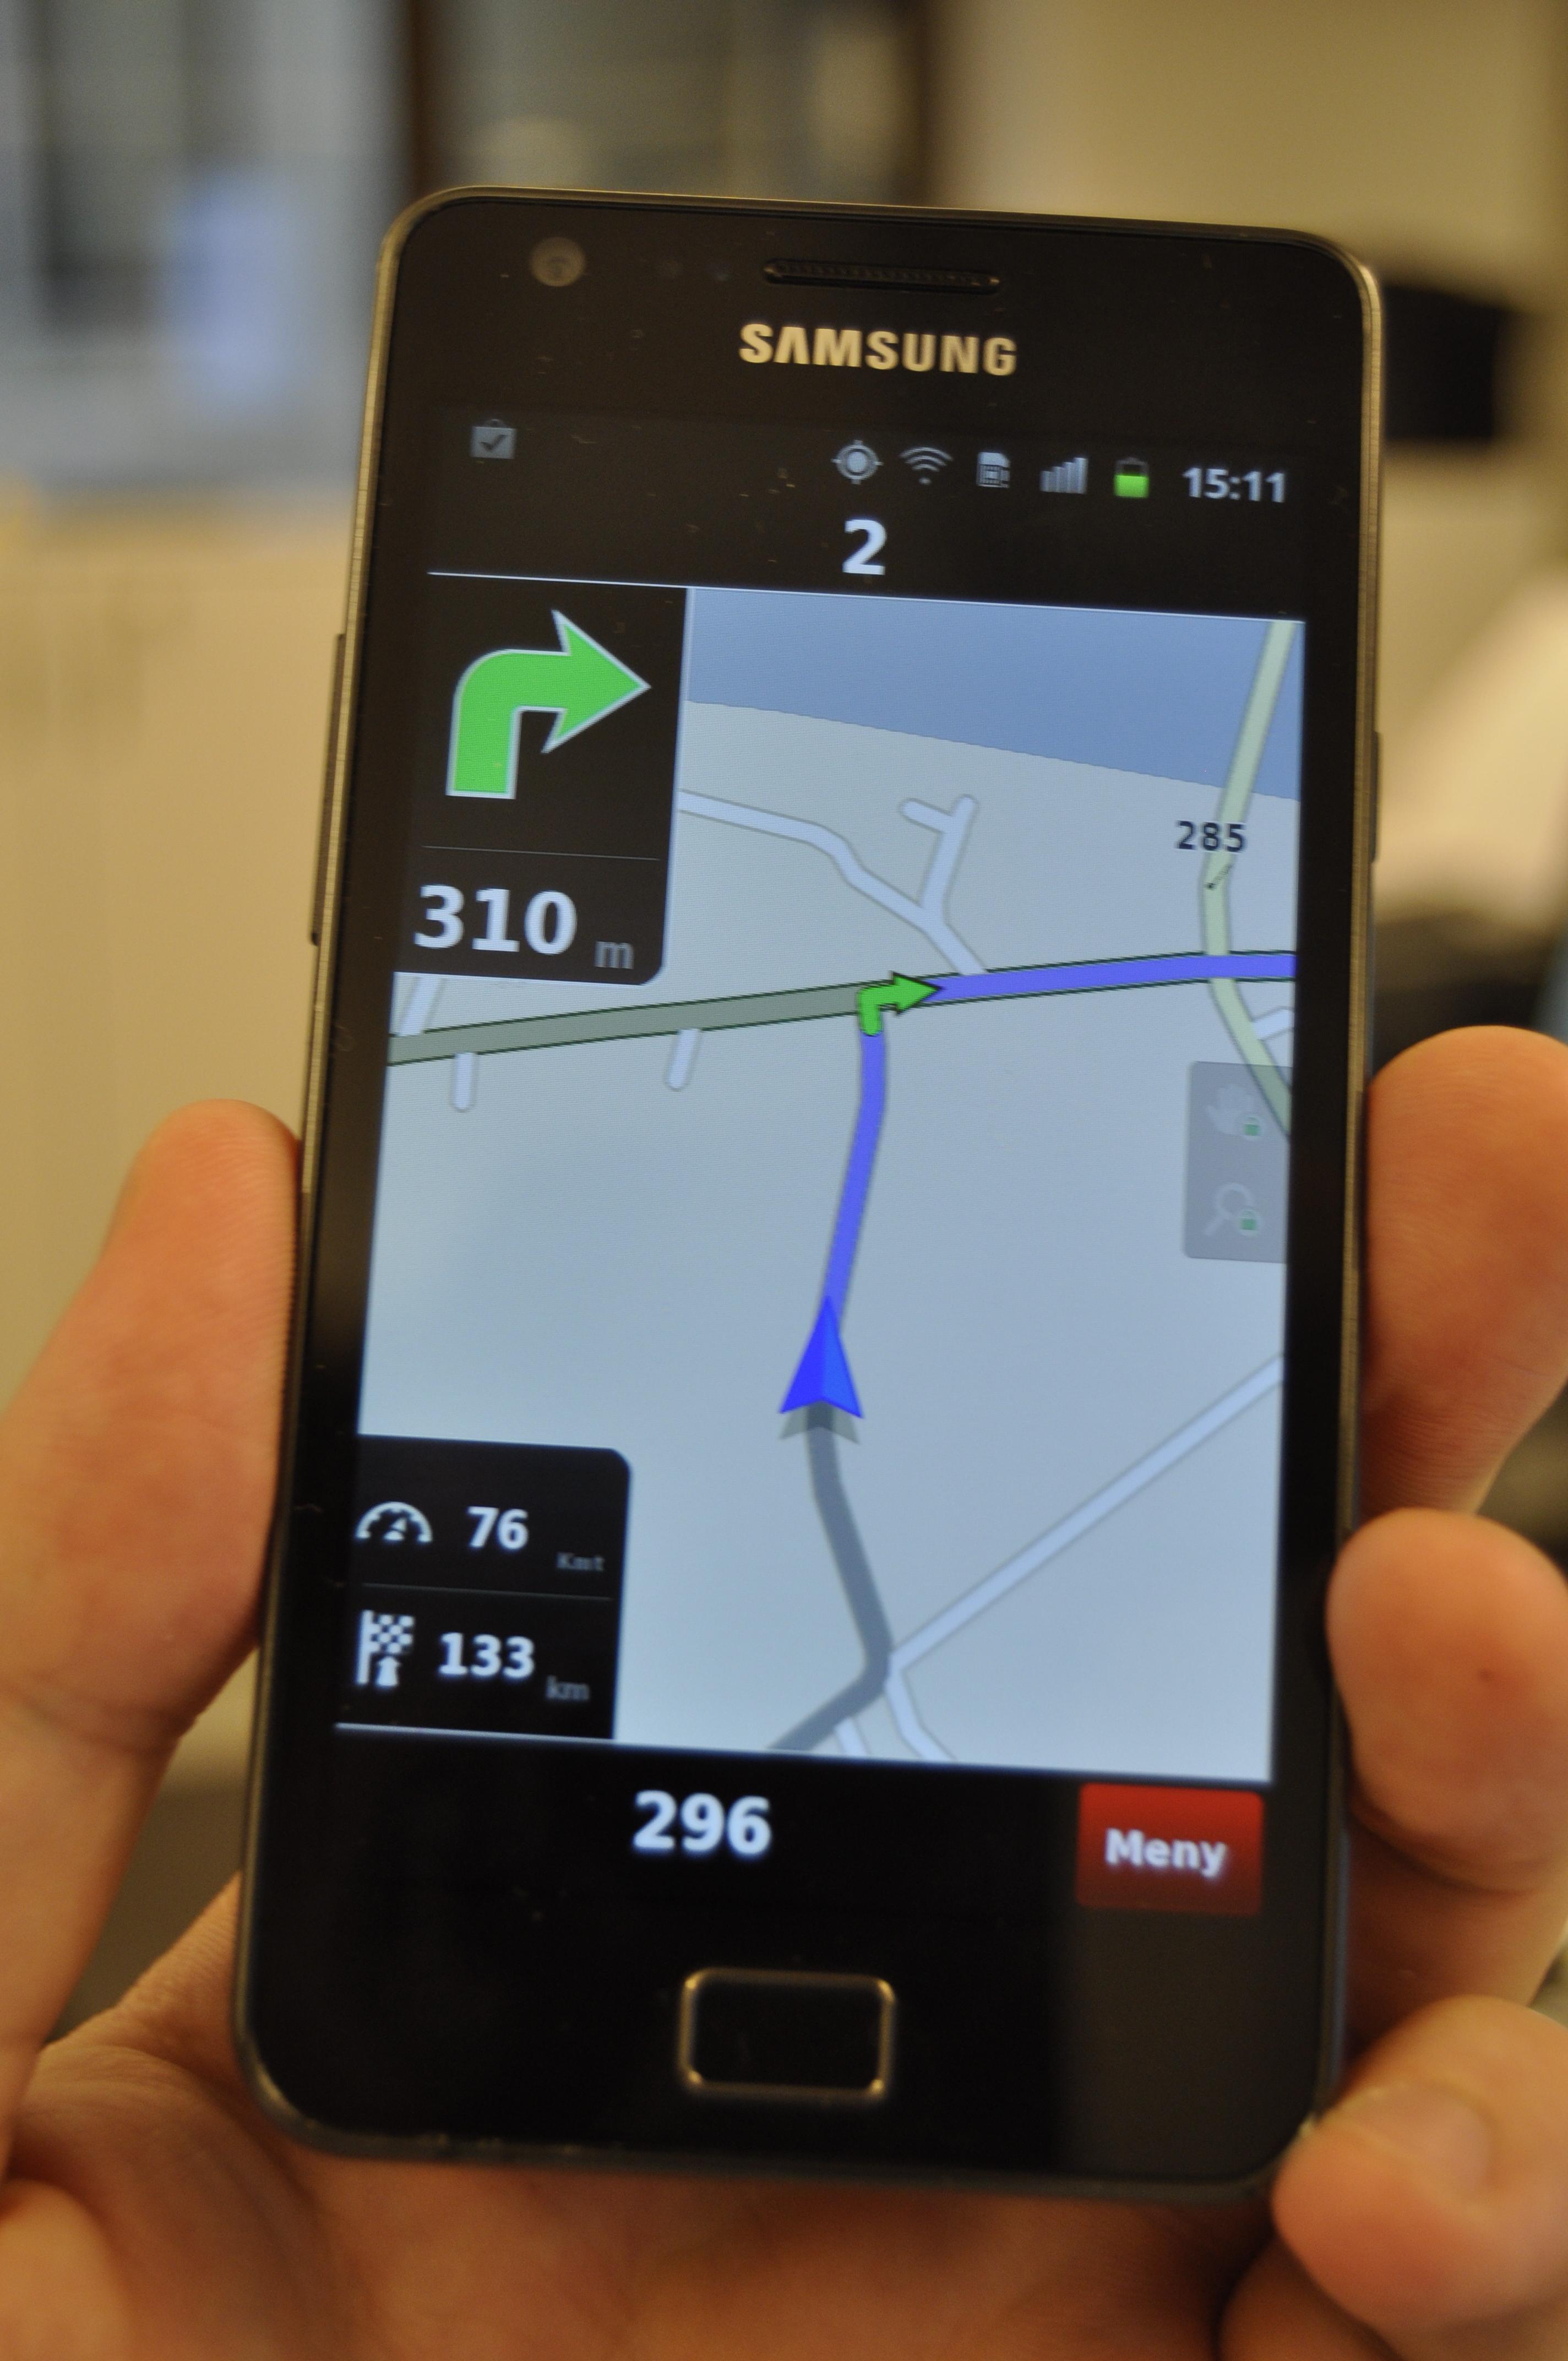 Samsung Galaxy S II er den heftigste telefonen på markedet, og den har den beste skjermen vi har sett. Sammen med Ndrive er den en utmerket navigasjonshjelp.